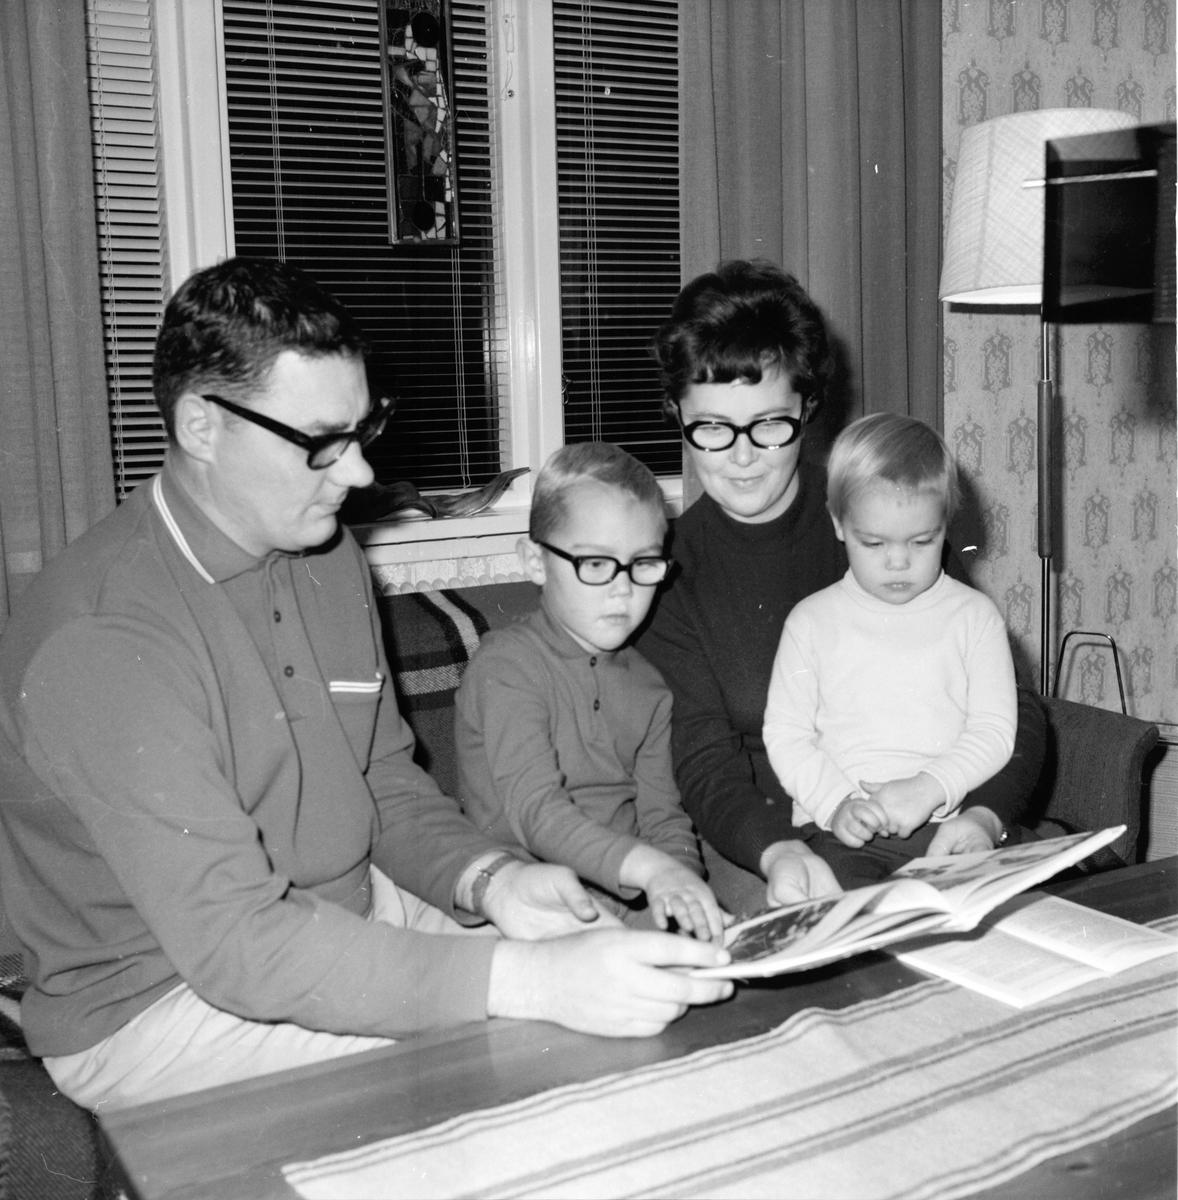 Vallsta, Pastor Viggo Junkes m familj, 15 Okt 1969